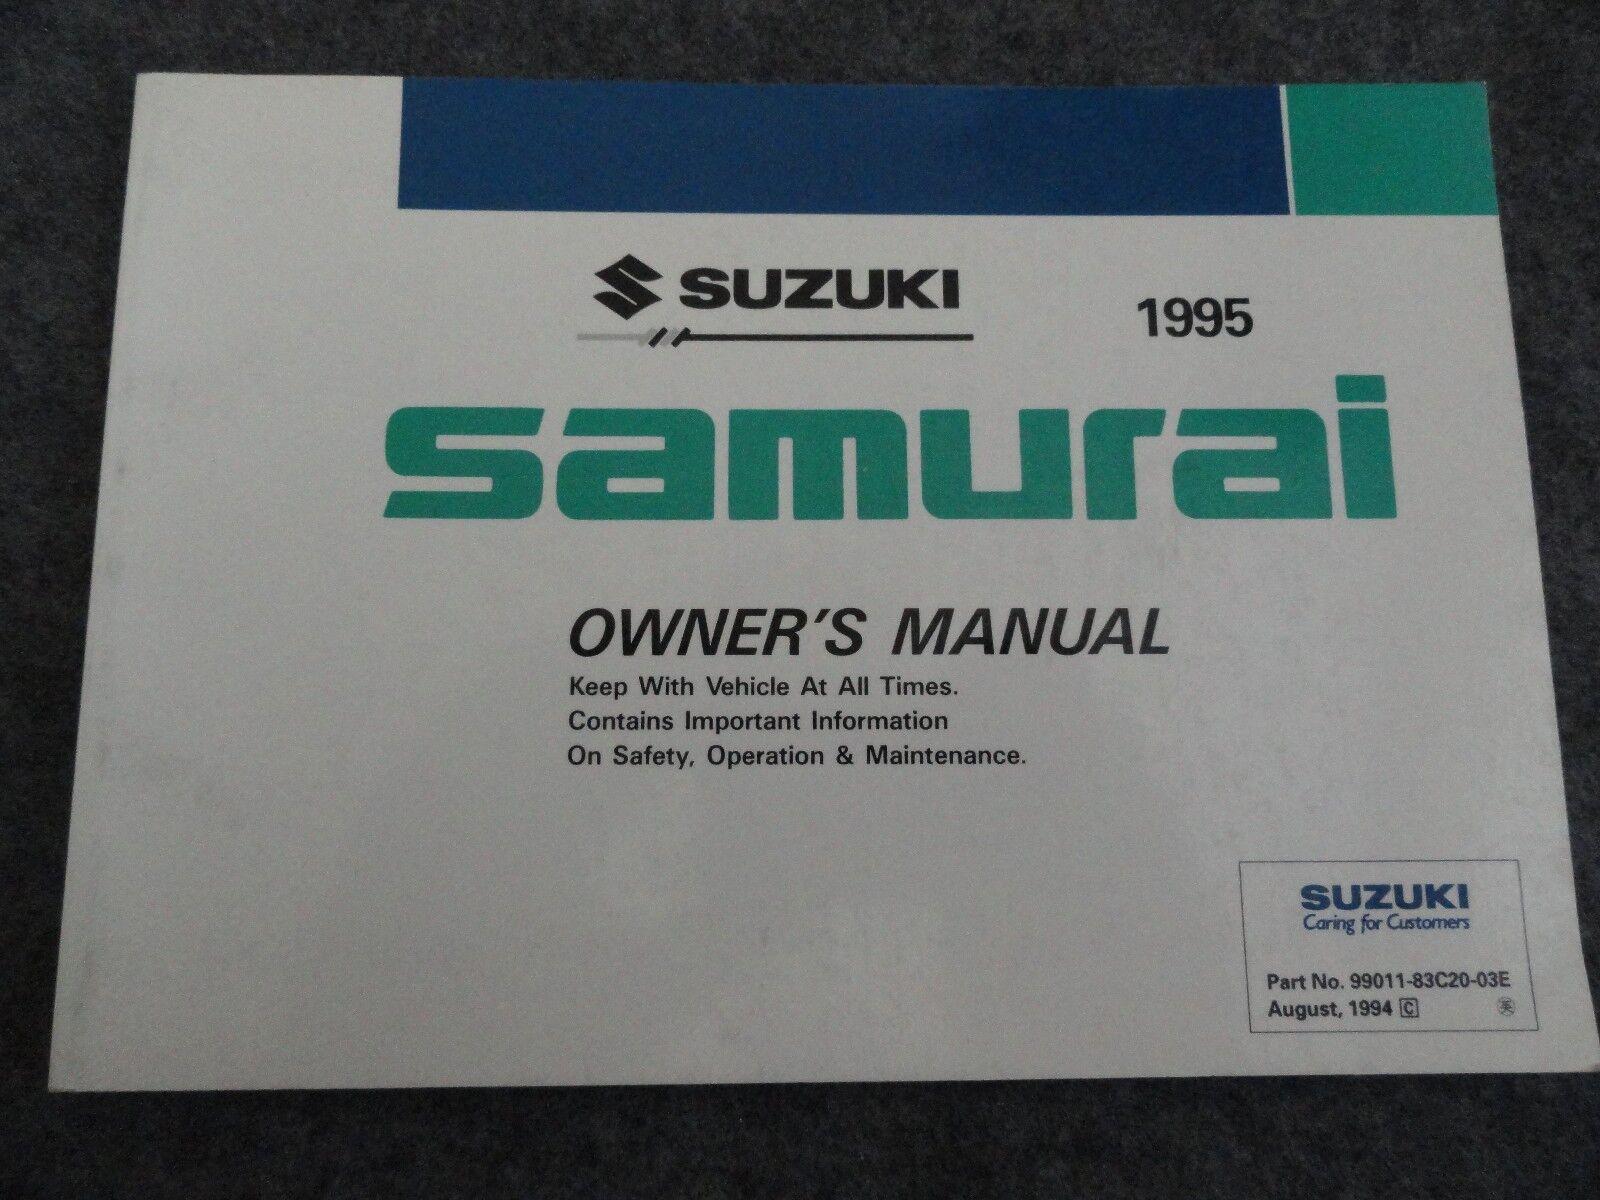 Strange 1995 Suzuki Samurai Owners Manual Nqoiat8680 Other Car Manuals Wiring Database Gramgelartorg